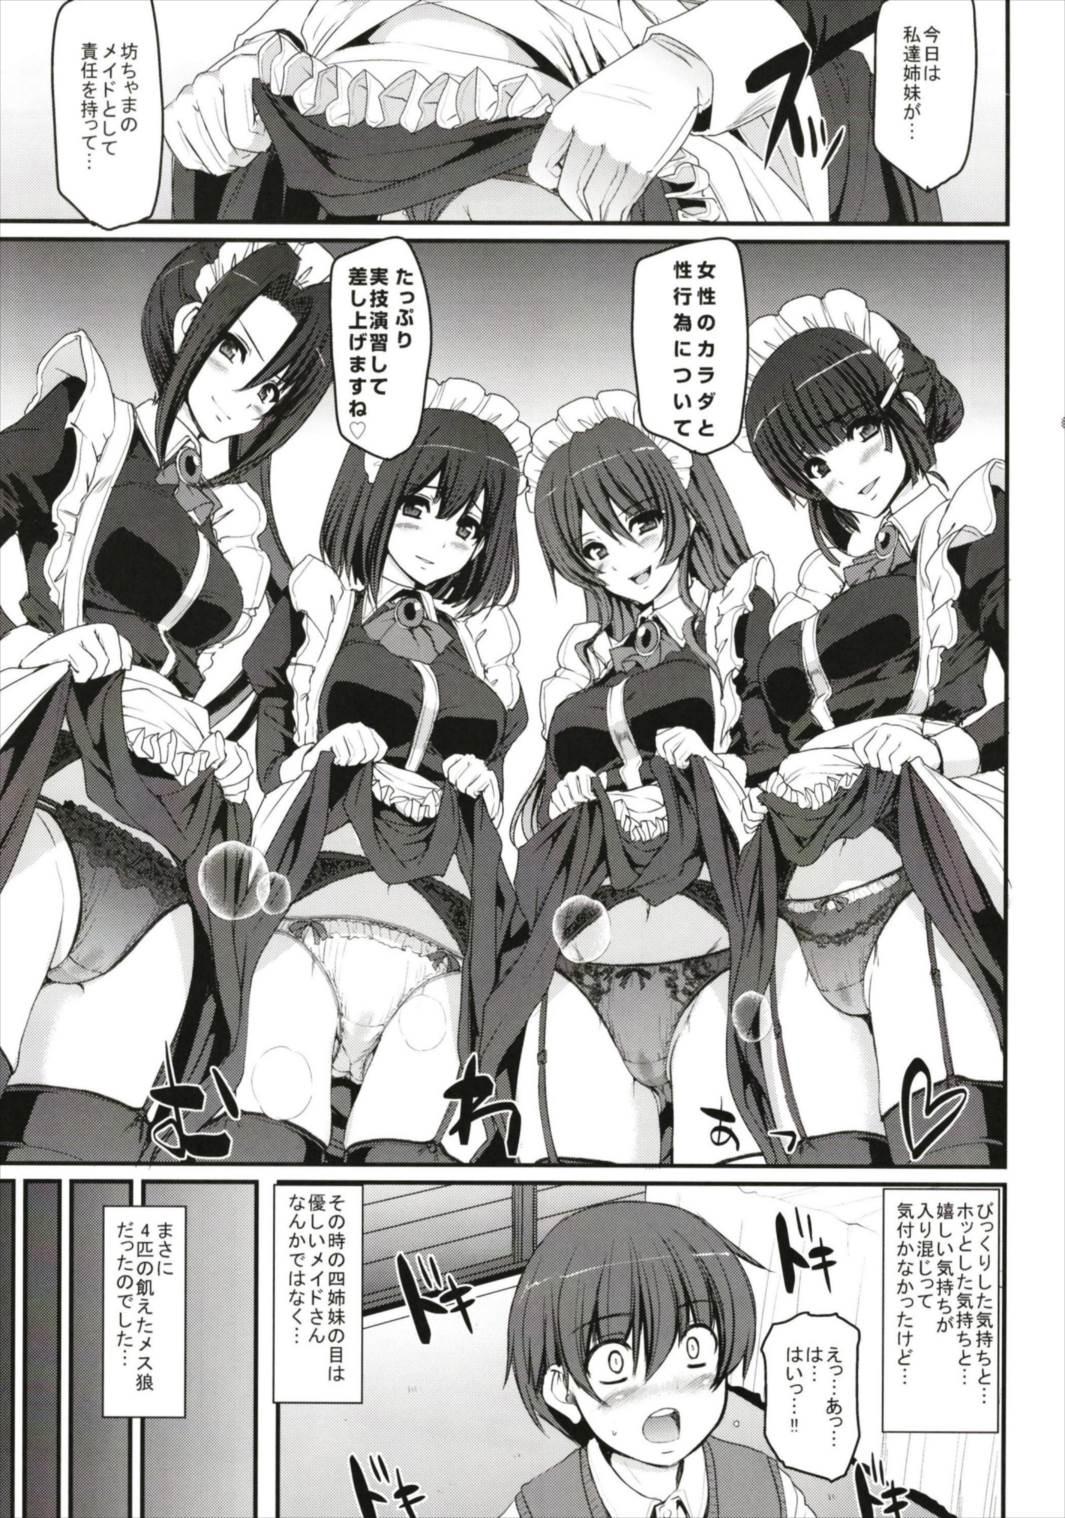 【艦これ エロ漫画・エロ同人】元艦娘の妙高4姉妹の下着を盗んだショタが初めてのセックスを仕込まれてえっちなお仕置きwwwww (6)